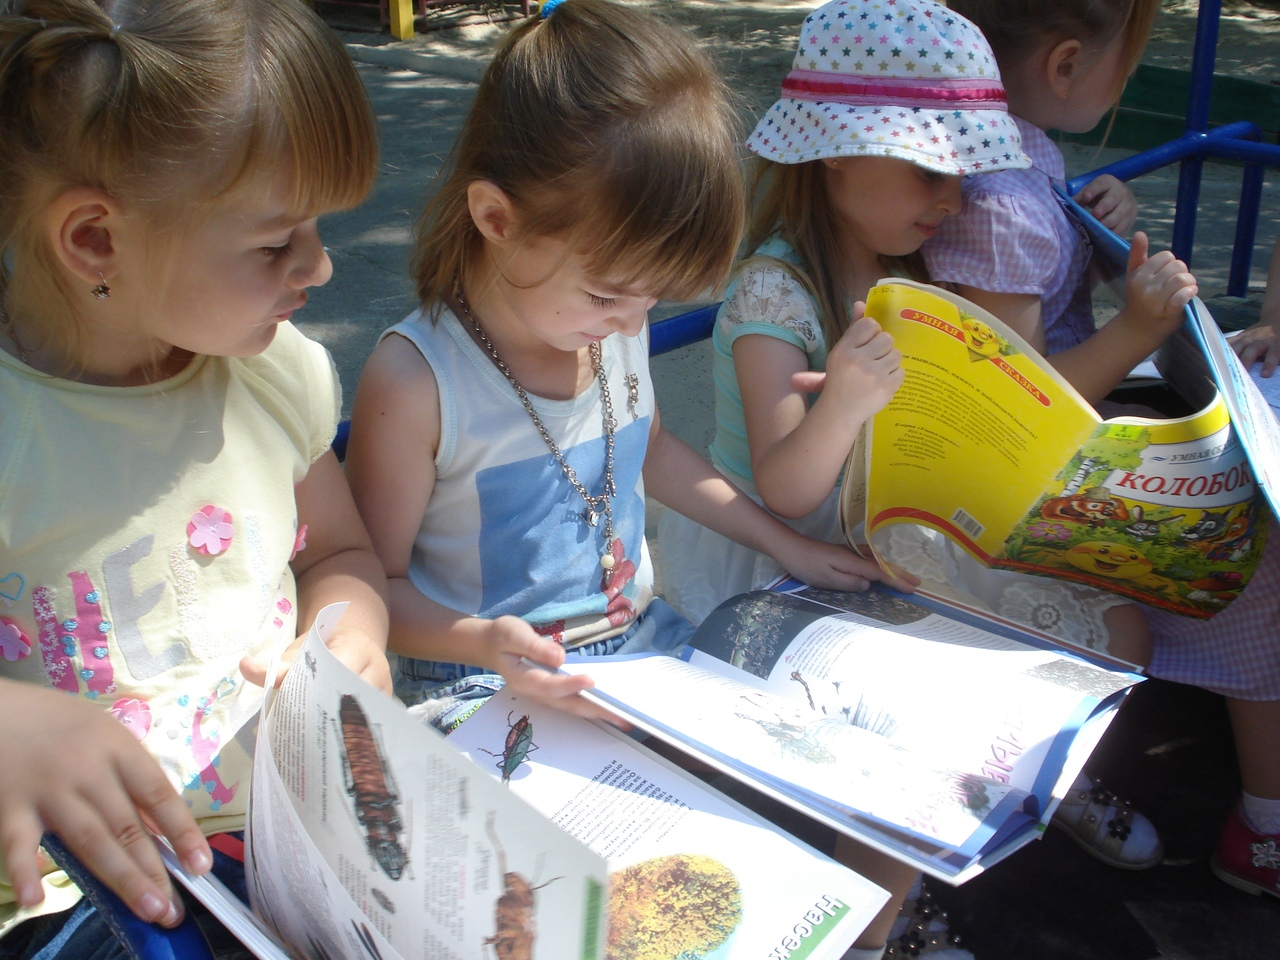 донецкая республиканская библиотека для детей, отдел обслуживания дошкольников и учащихся 1-4 классов, лето с книгами